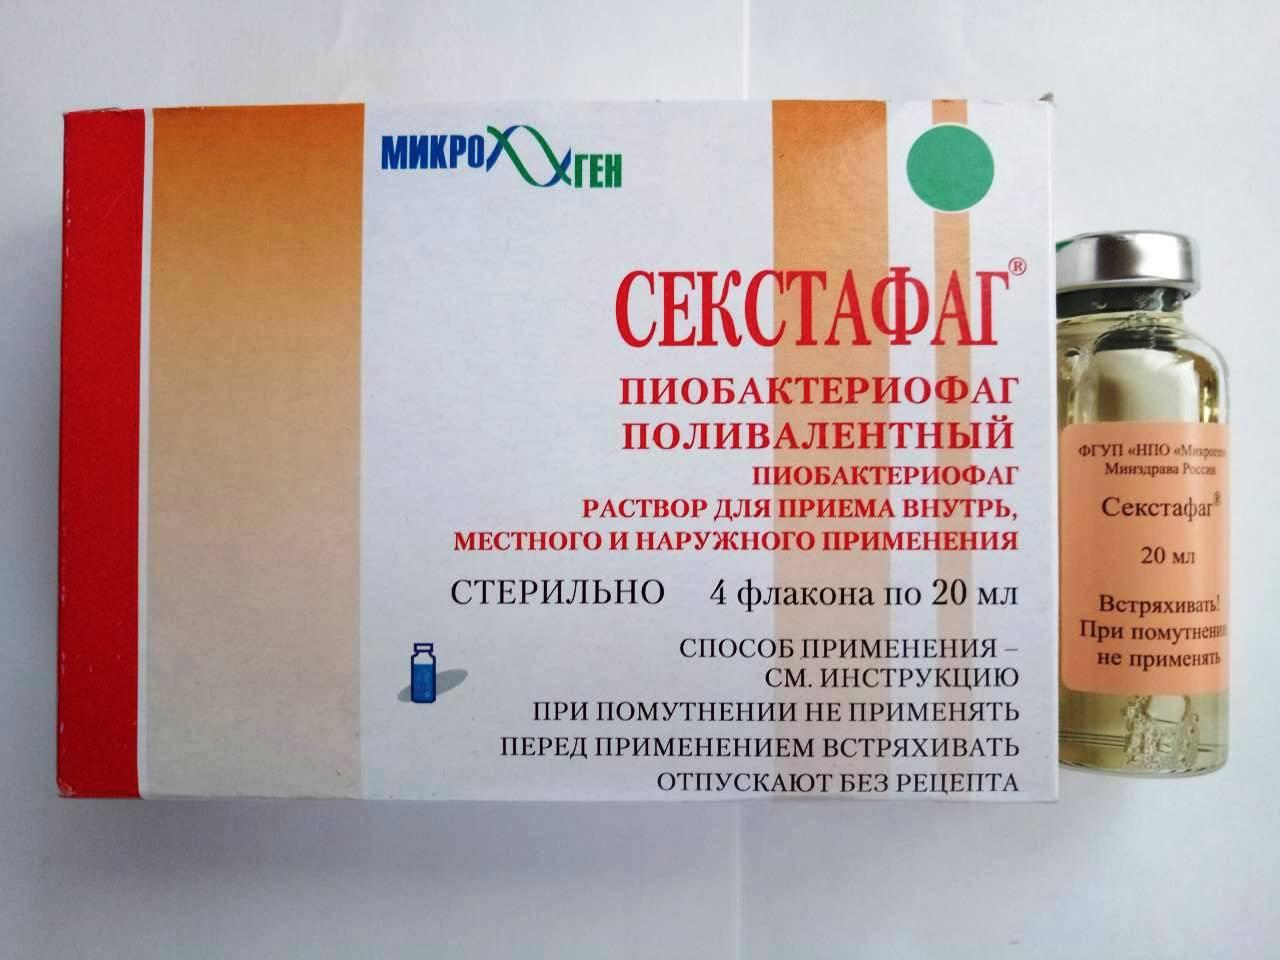 Пиобактериофаг поливалентный Секстафаг